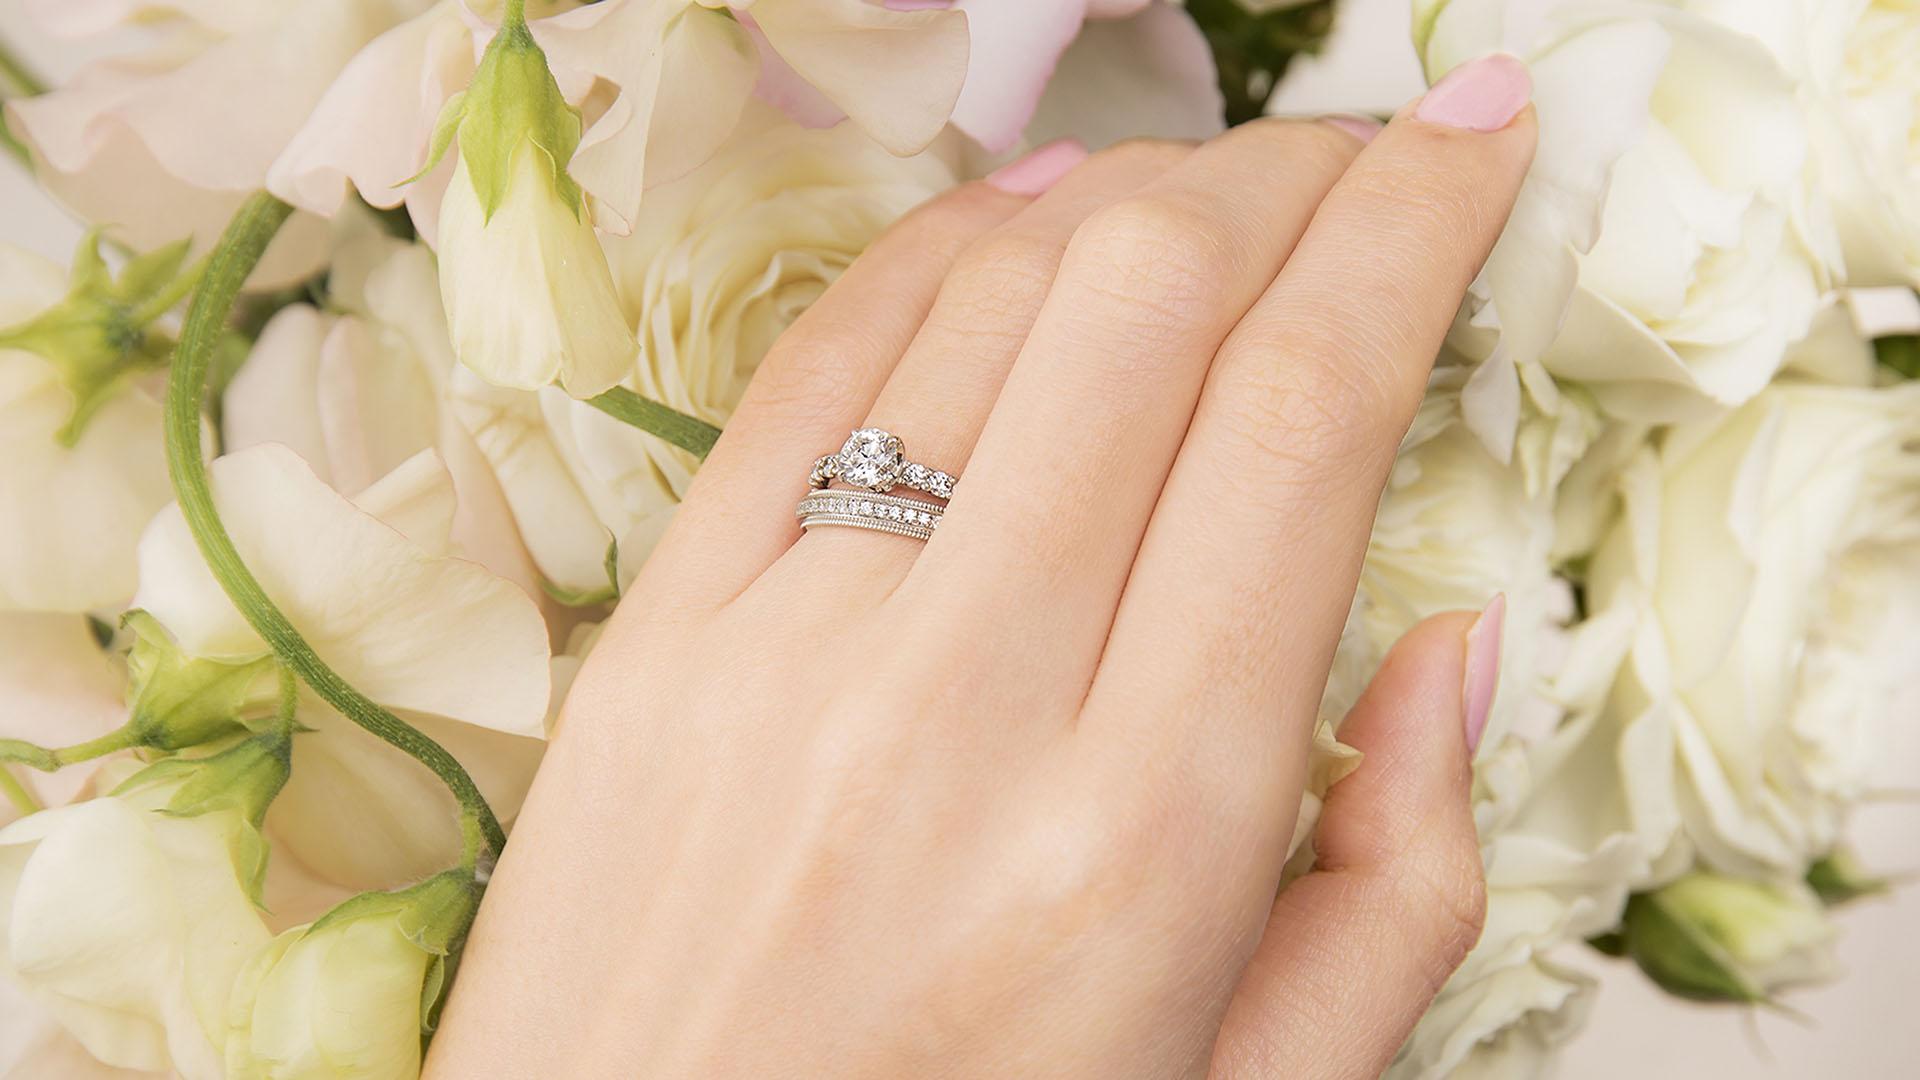 stella ステラ | 婚約指輪サムネイル 3